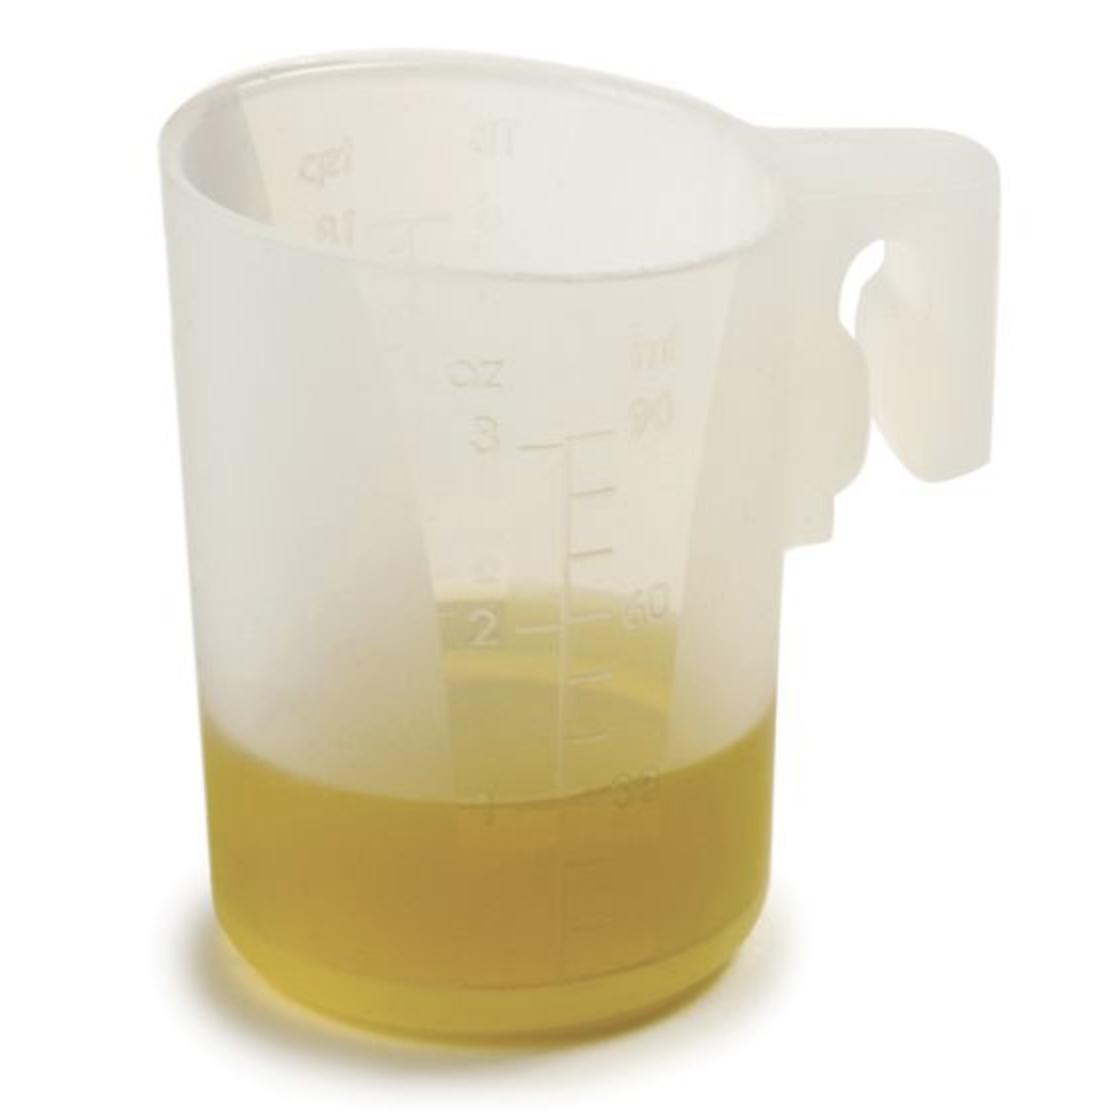 Silicone Mini Measure Cup, 3 oz